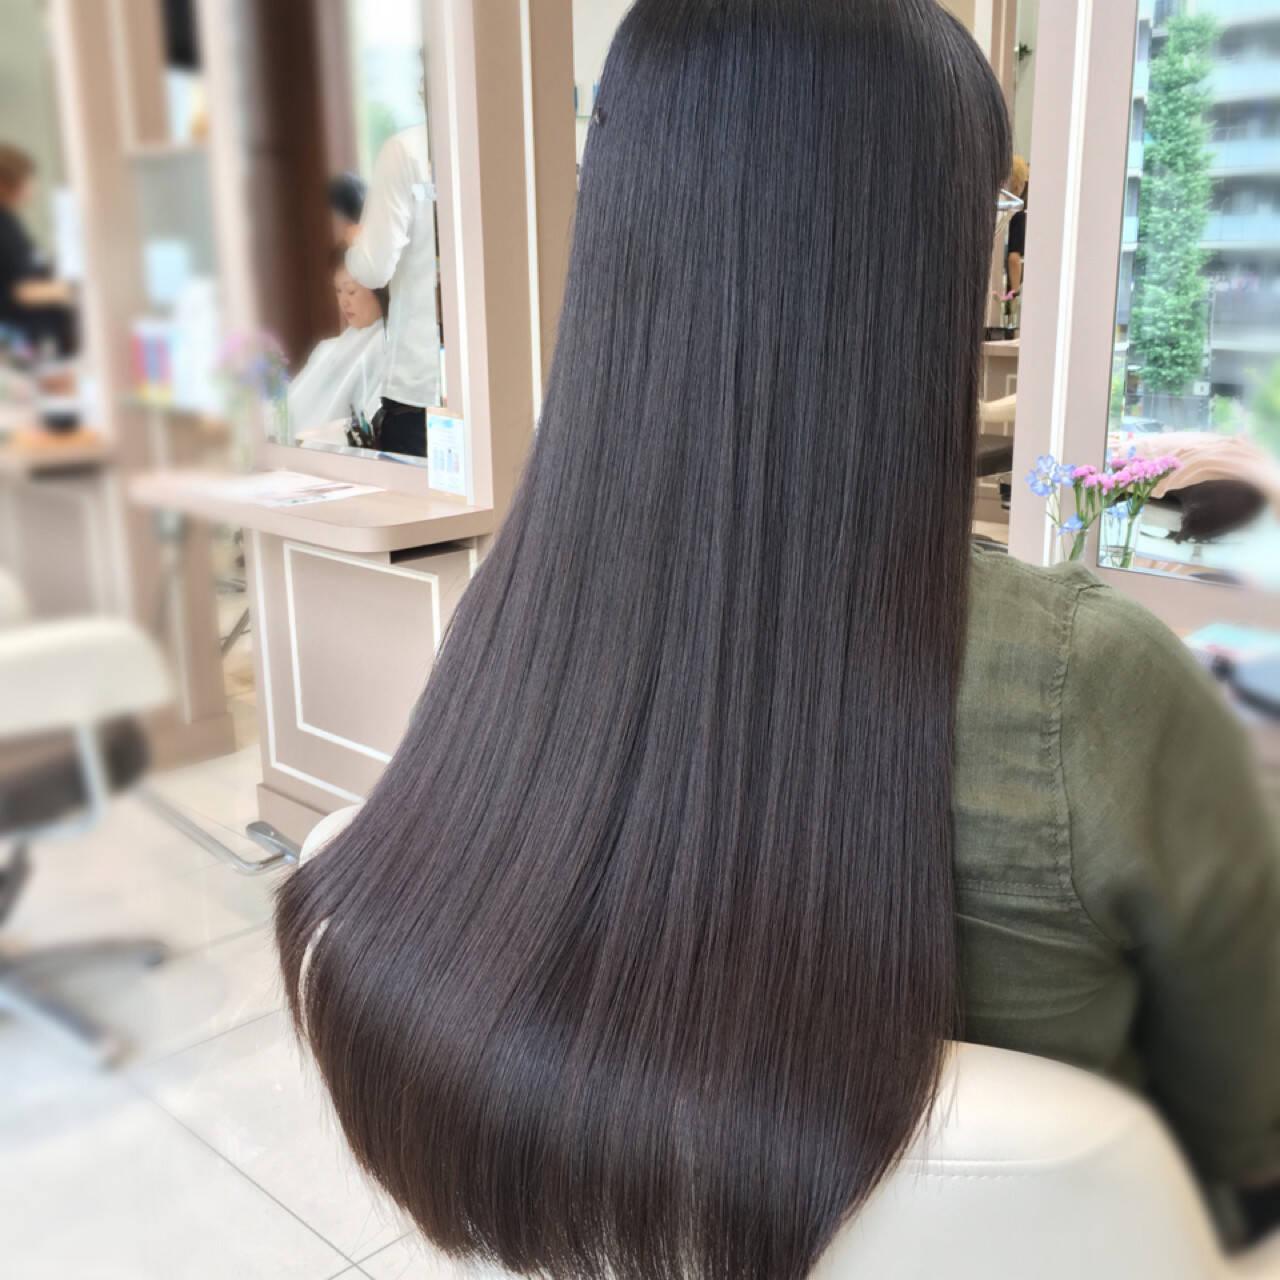 透明感 ナチュラル グレージュ オフィスヘアスタイルや髪型の写真・画像